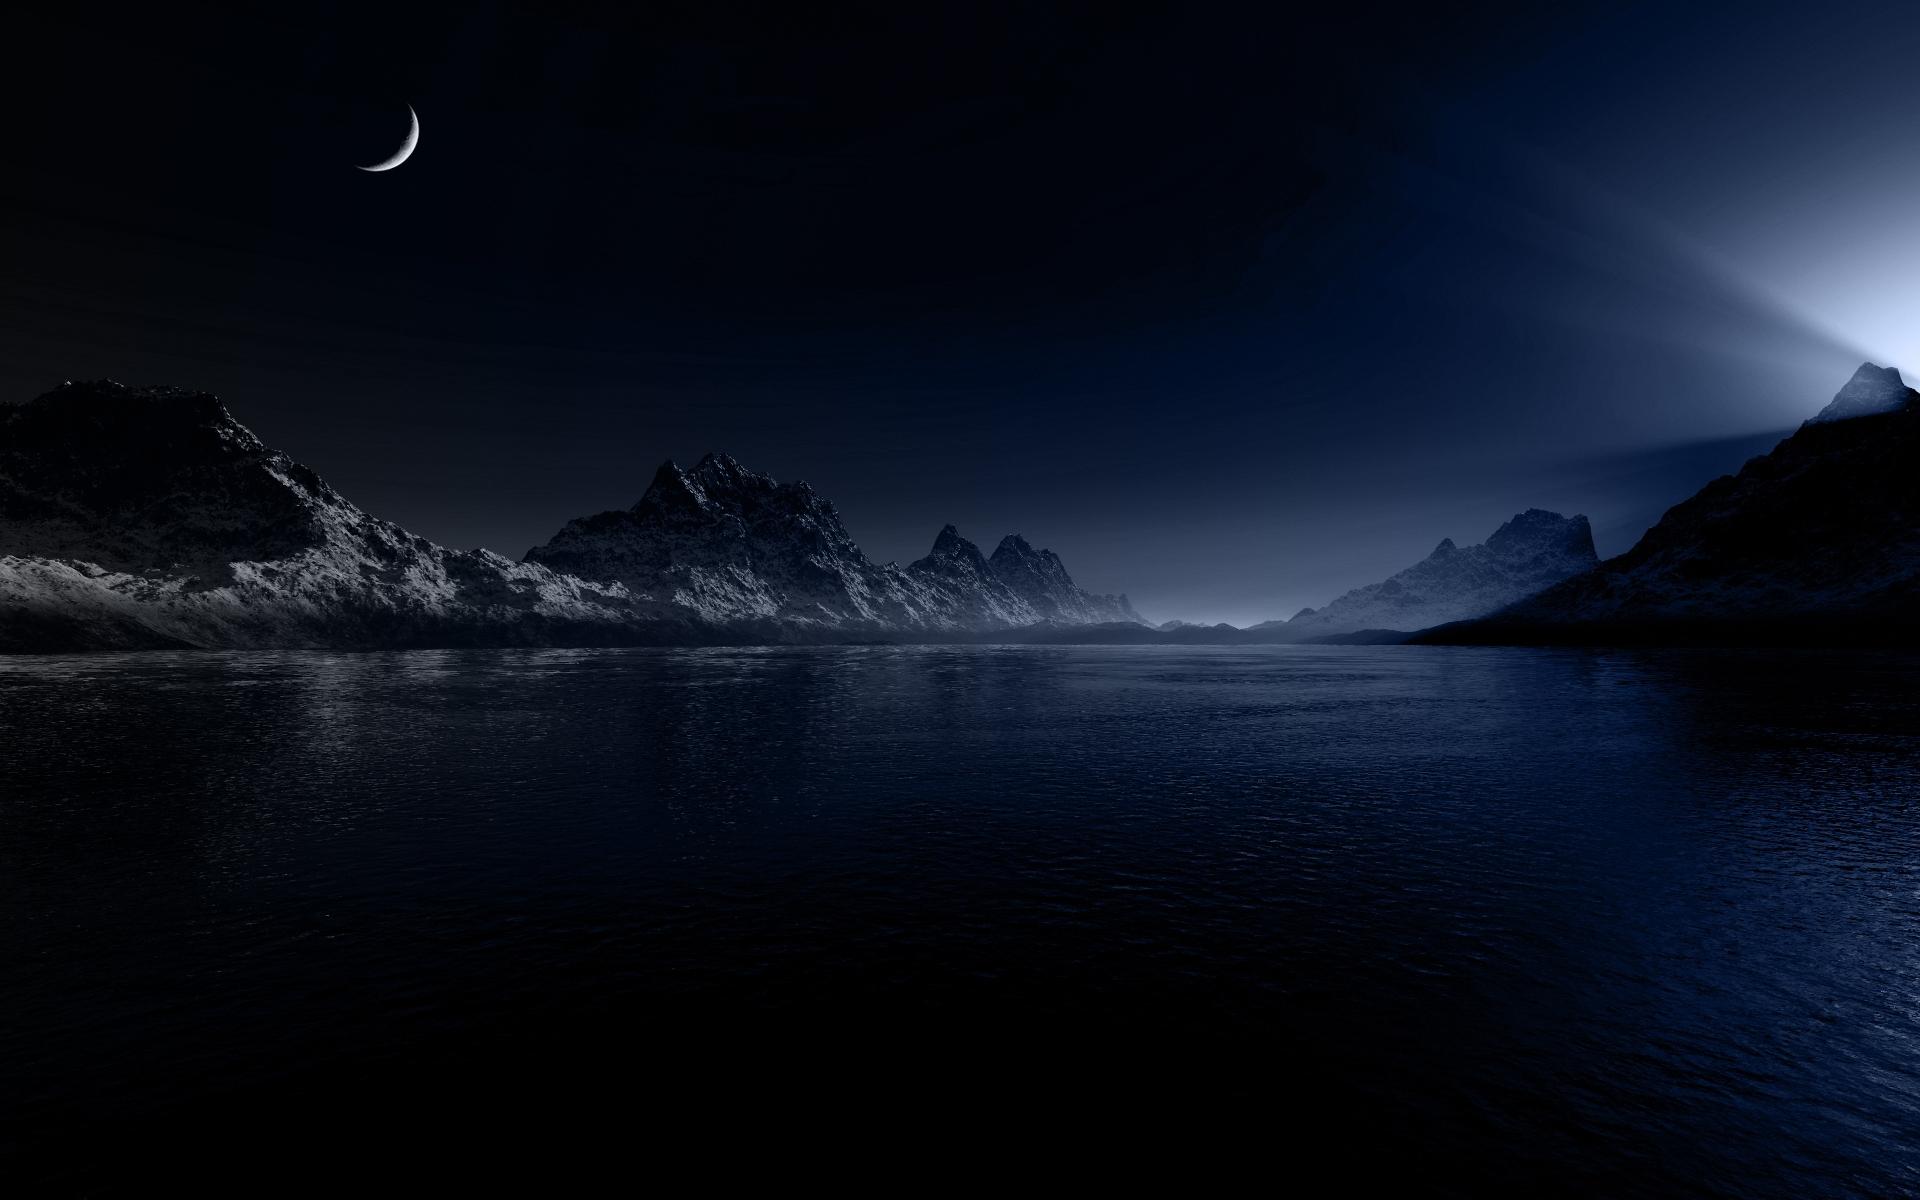 nightfall 37437